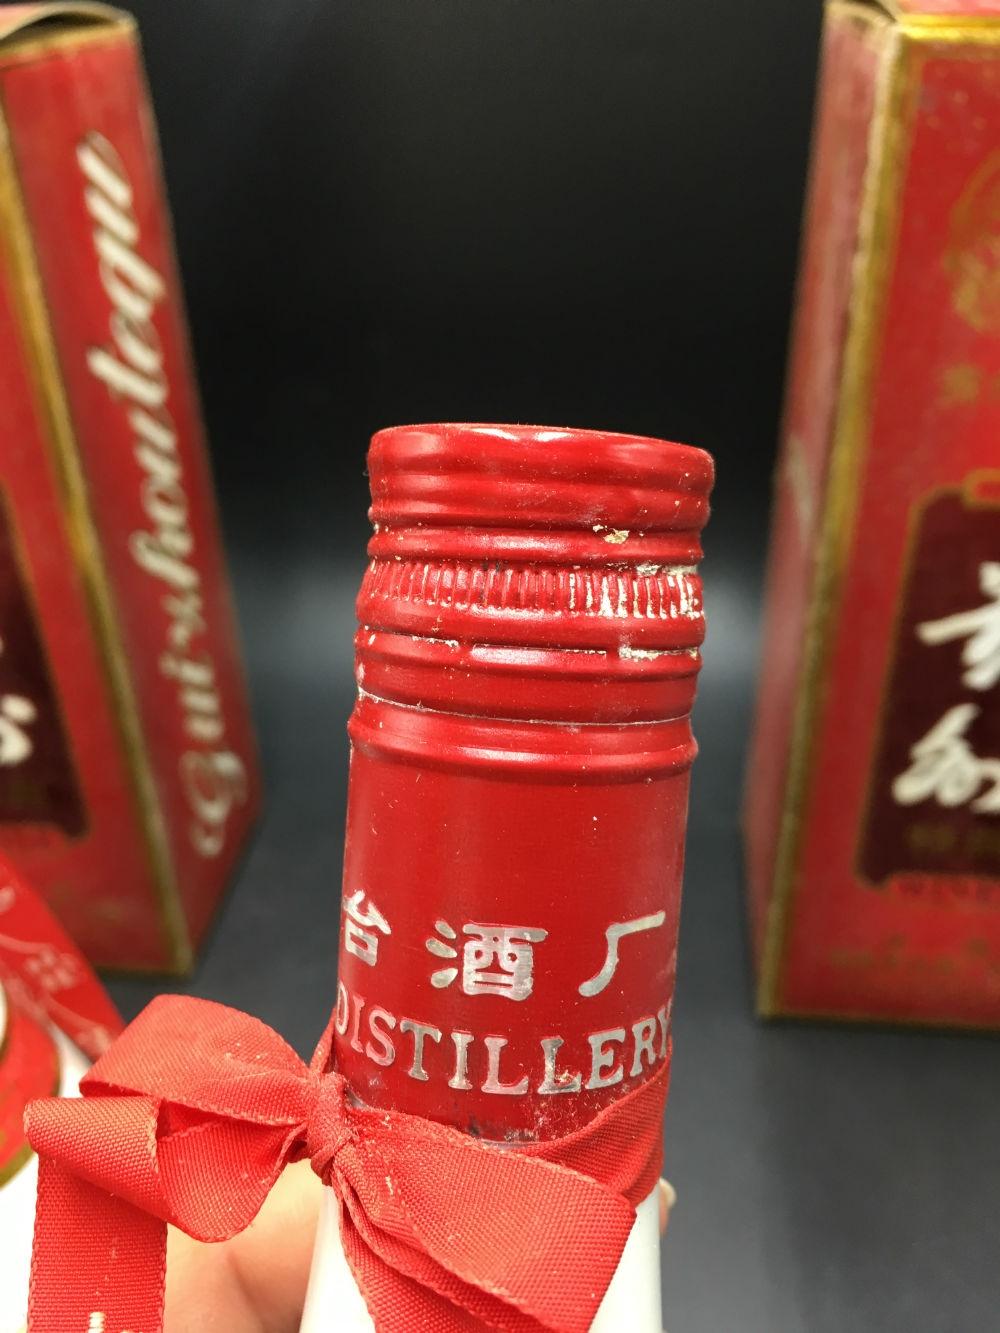 ██97年茅台酒厂,飞天仙女标,53%大肚瓷瓶《贵州特曲》██